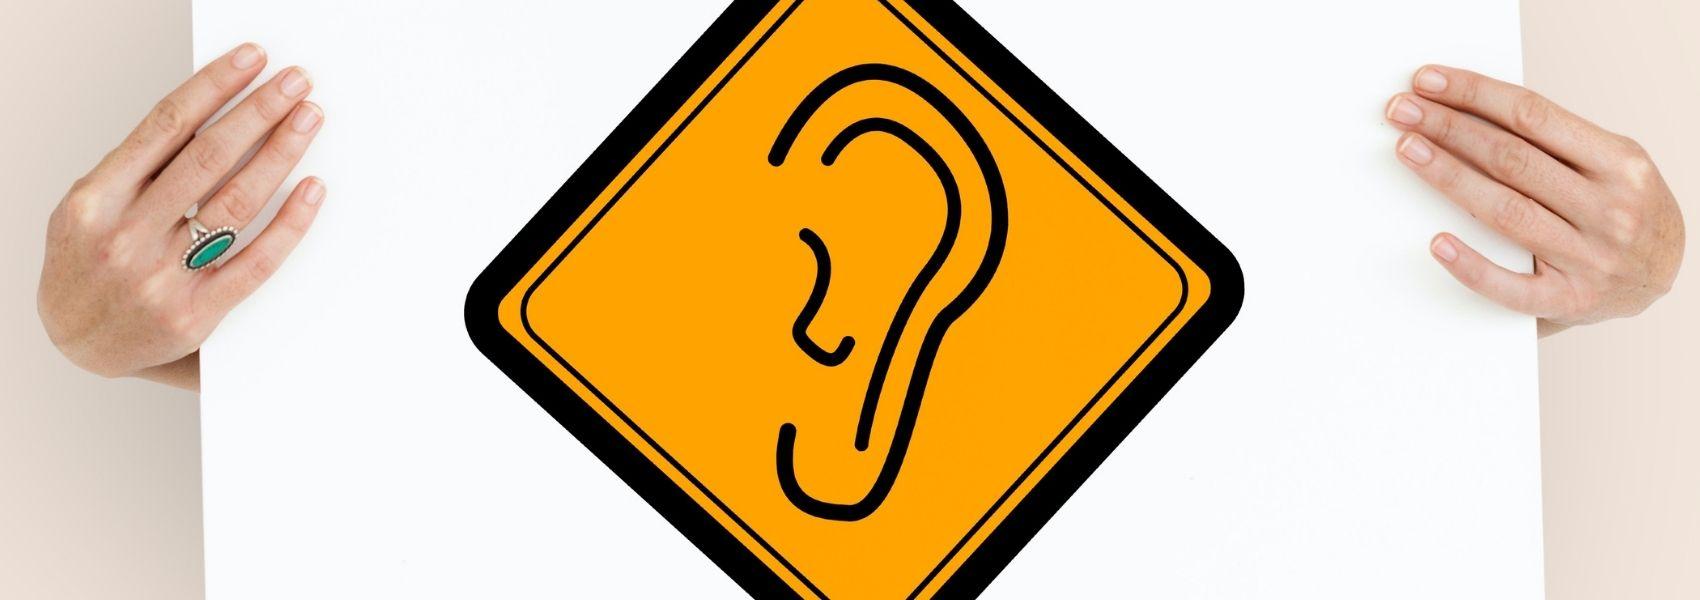 cera do ouvido